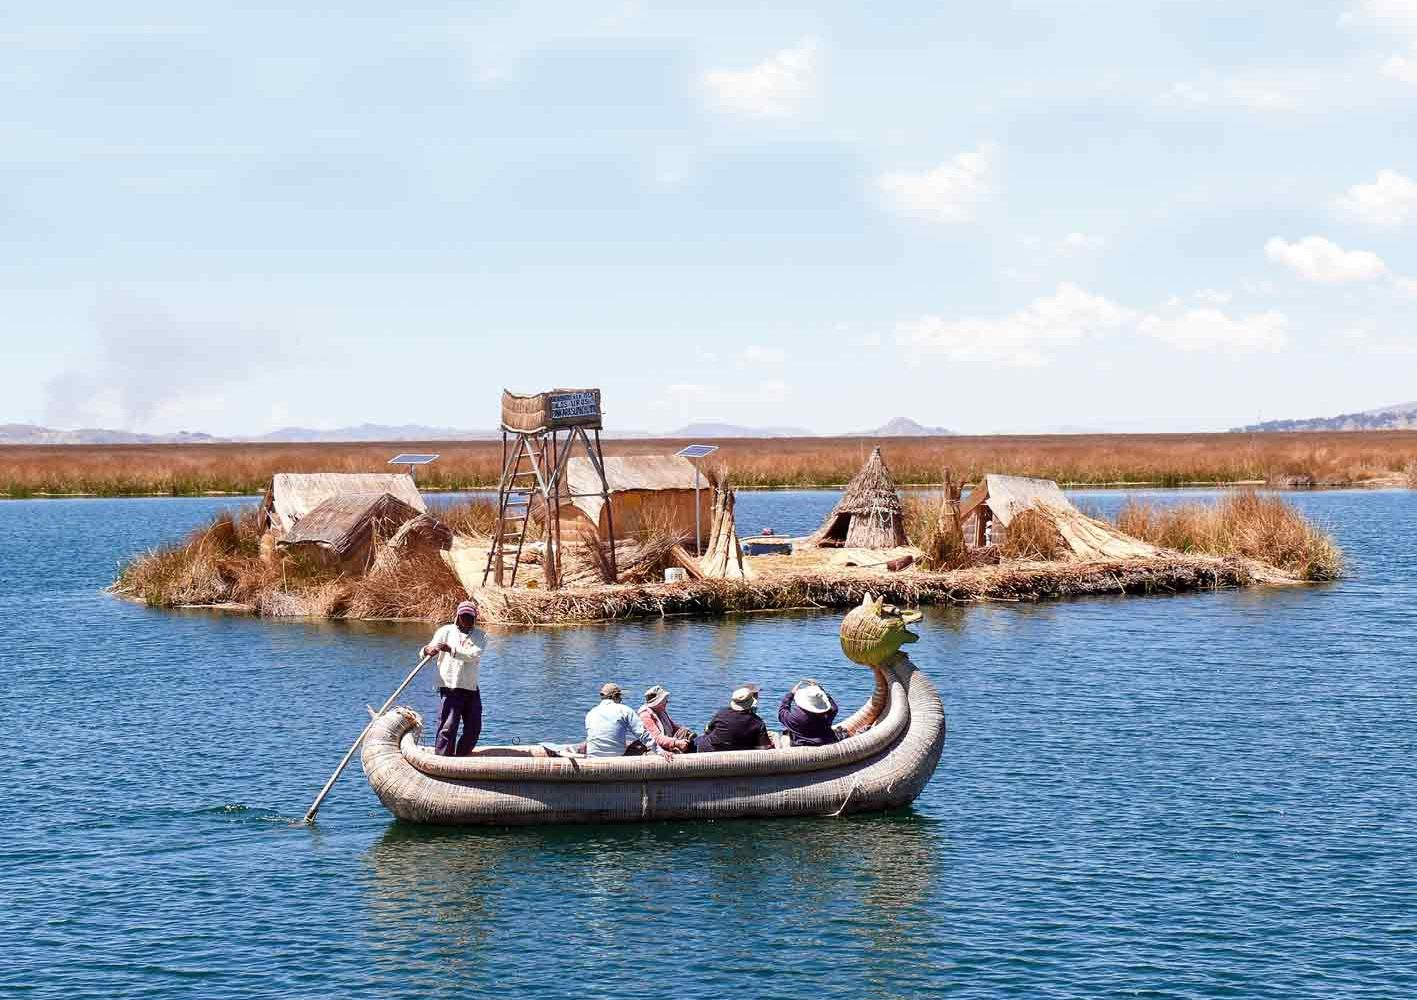 Schilf-Boot der Uros auf dem Titicaca-See, Peru